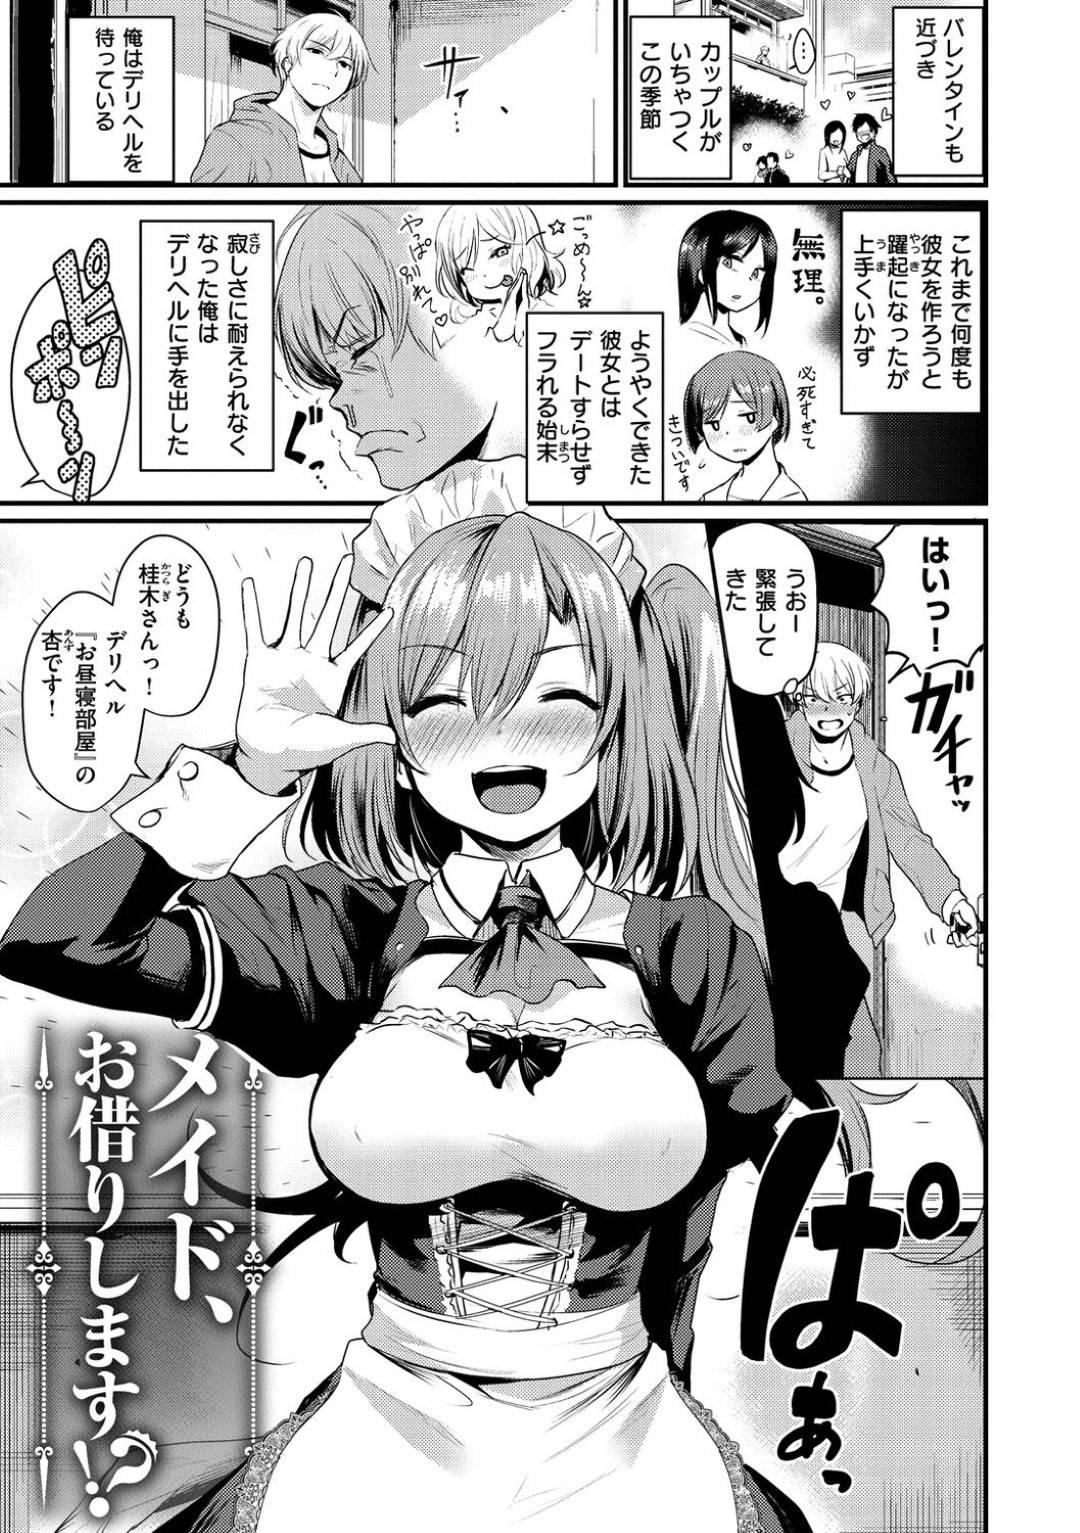 【デリヘル嬢エロ漫画】メイド姿のデリヘル嬢はおっぱいを揉むと急に反応がよくなり特別本番サービス!童貞を卒業させる!【きづかかずき】